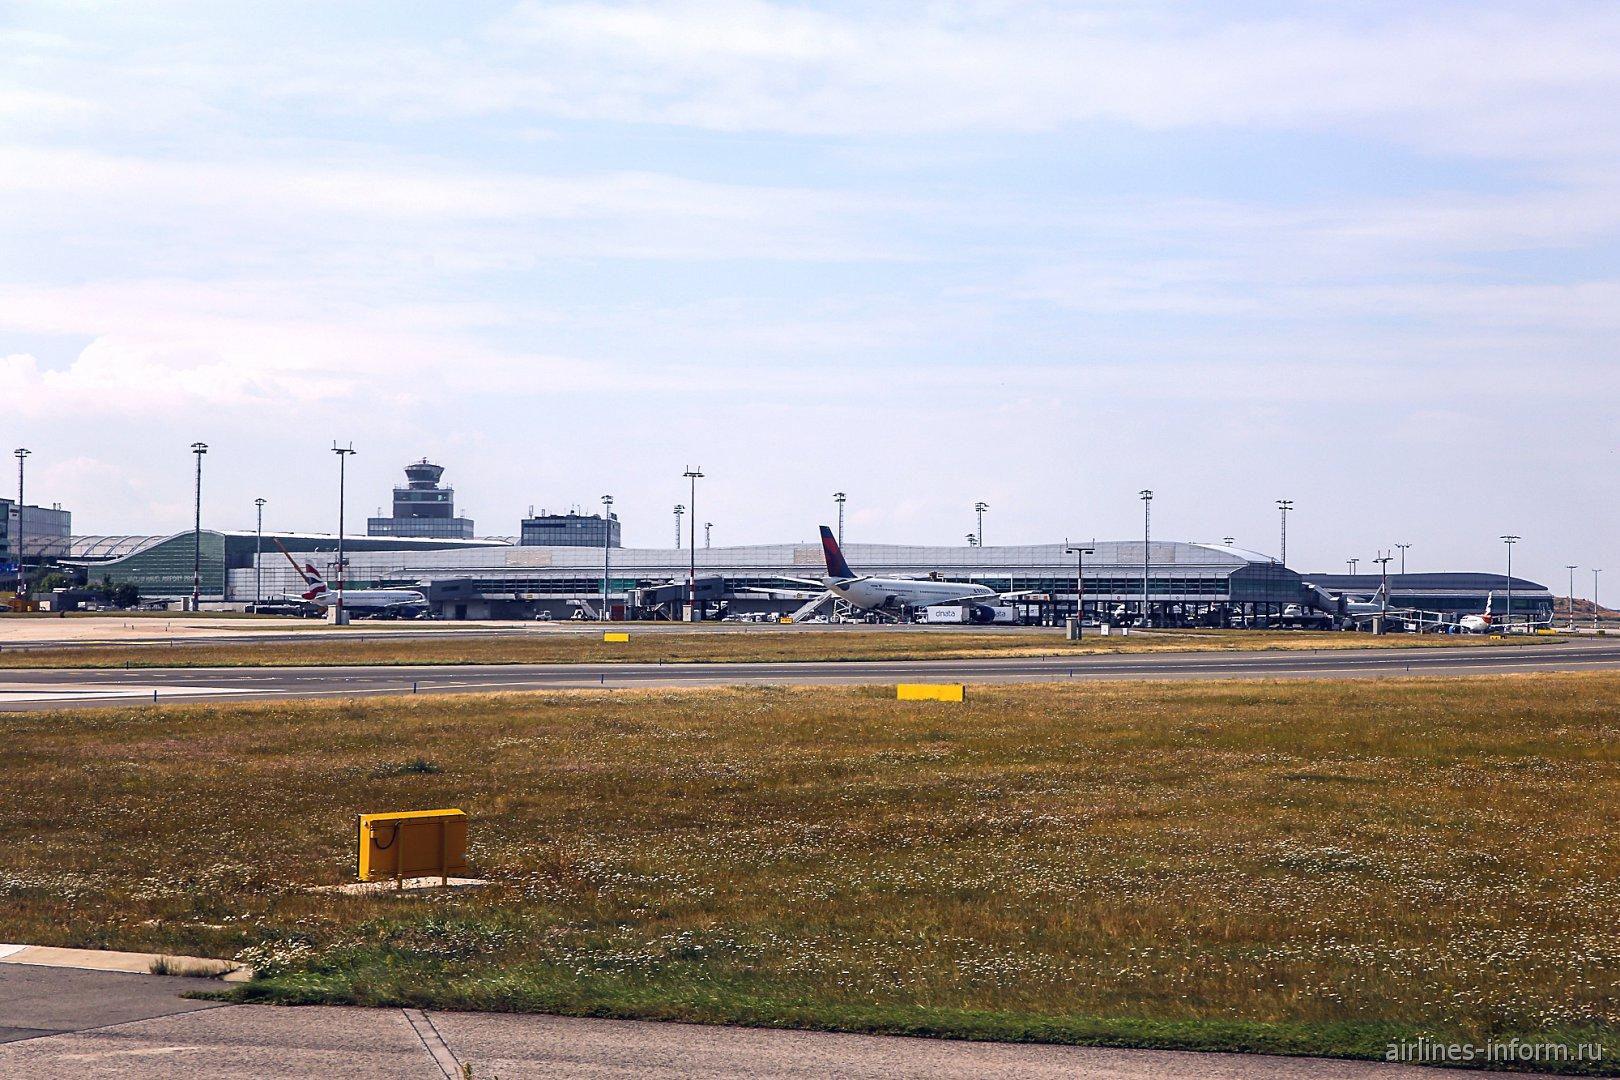 Вид с взлетной полосы на пассажирские терминалы аэропорта Прага